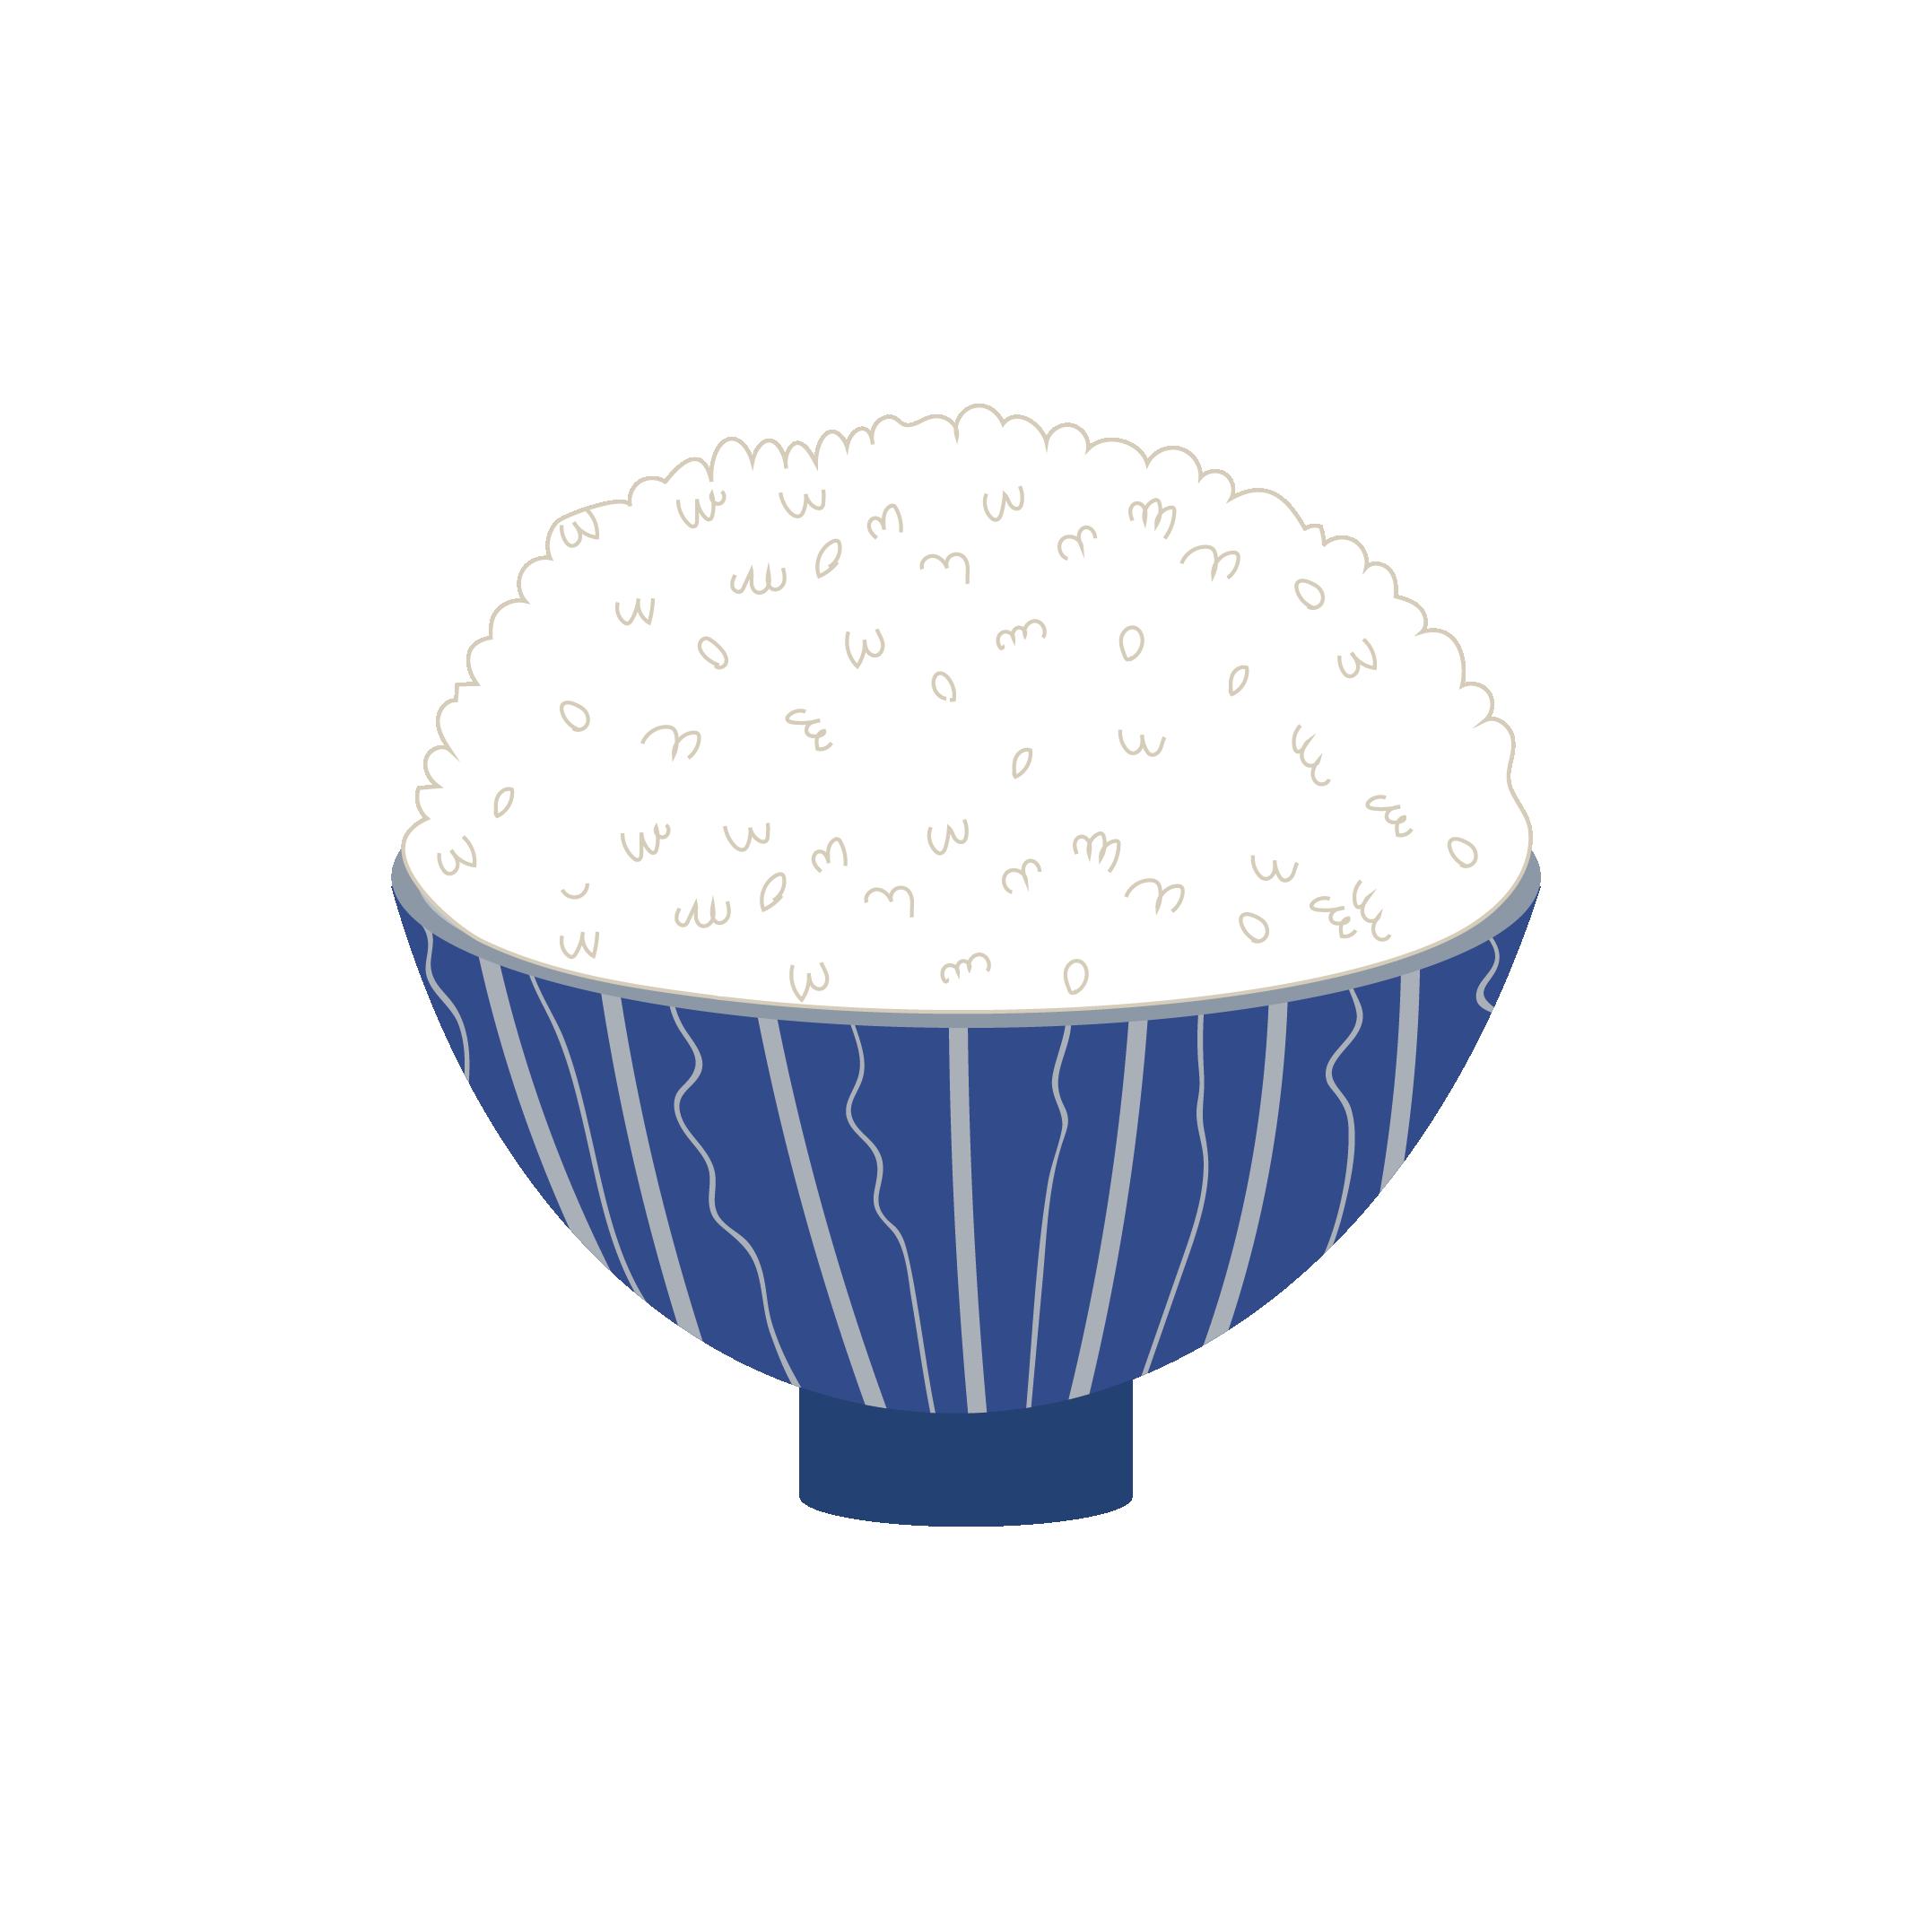 大盛りご飯ライスお米のイラスト 商用フリー無料のイラスト